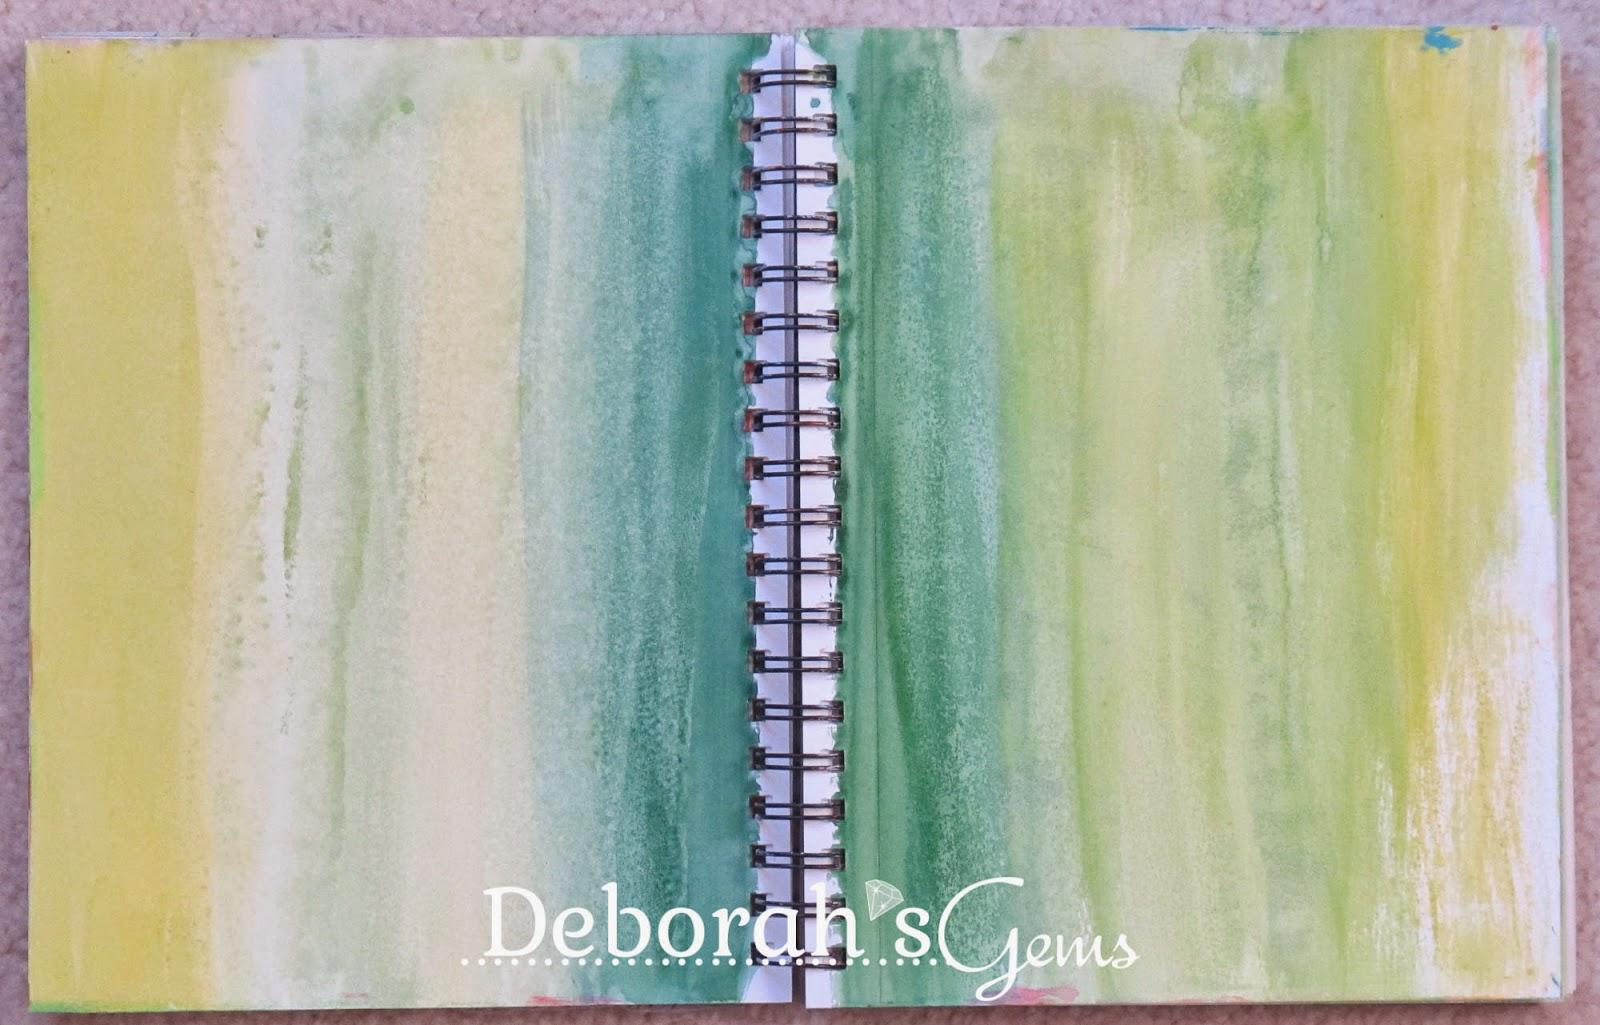 365 Days of Being 4 - photo by Deborah Frings - Deborah's Gems